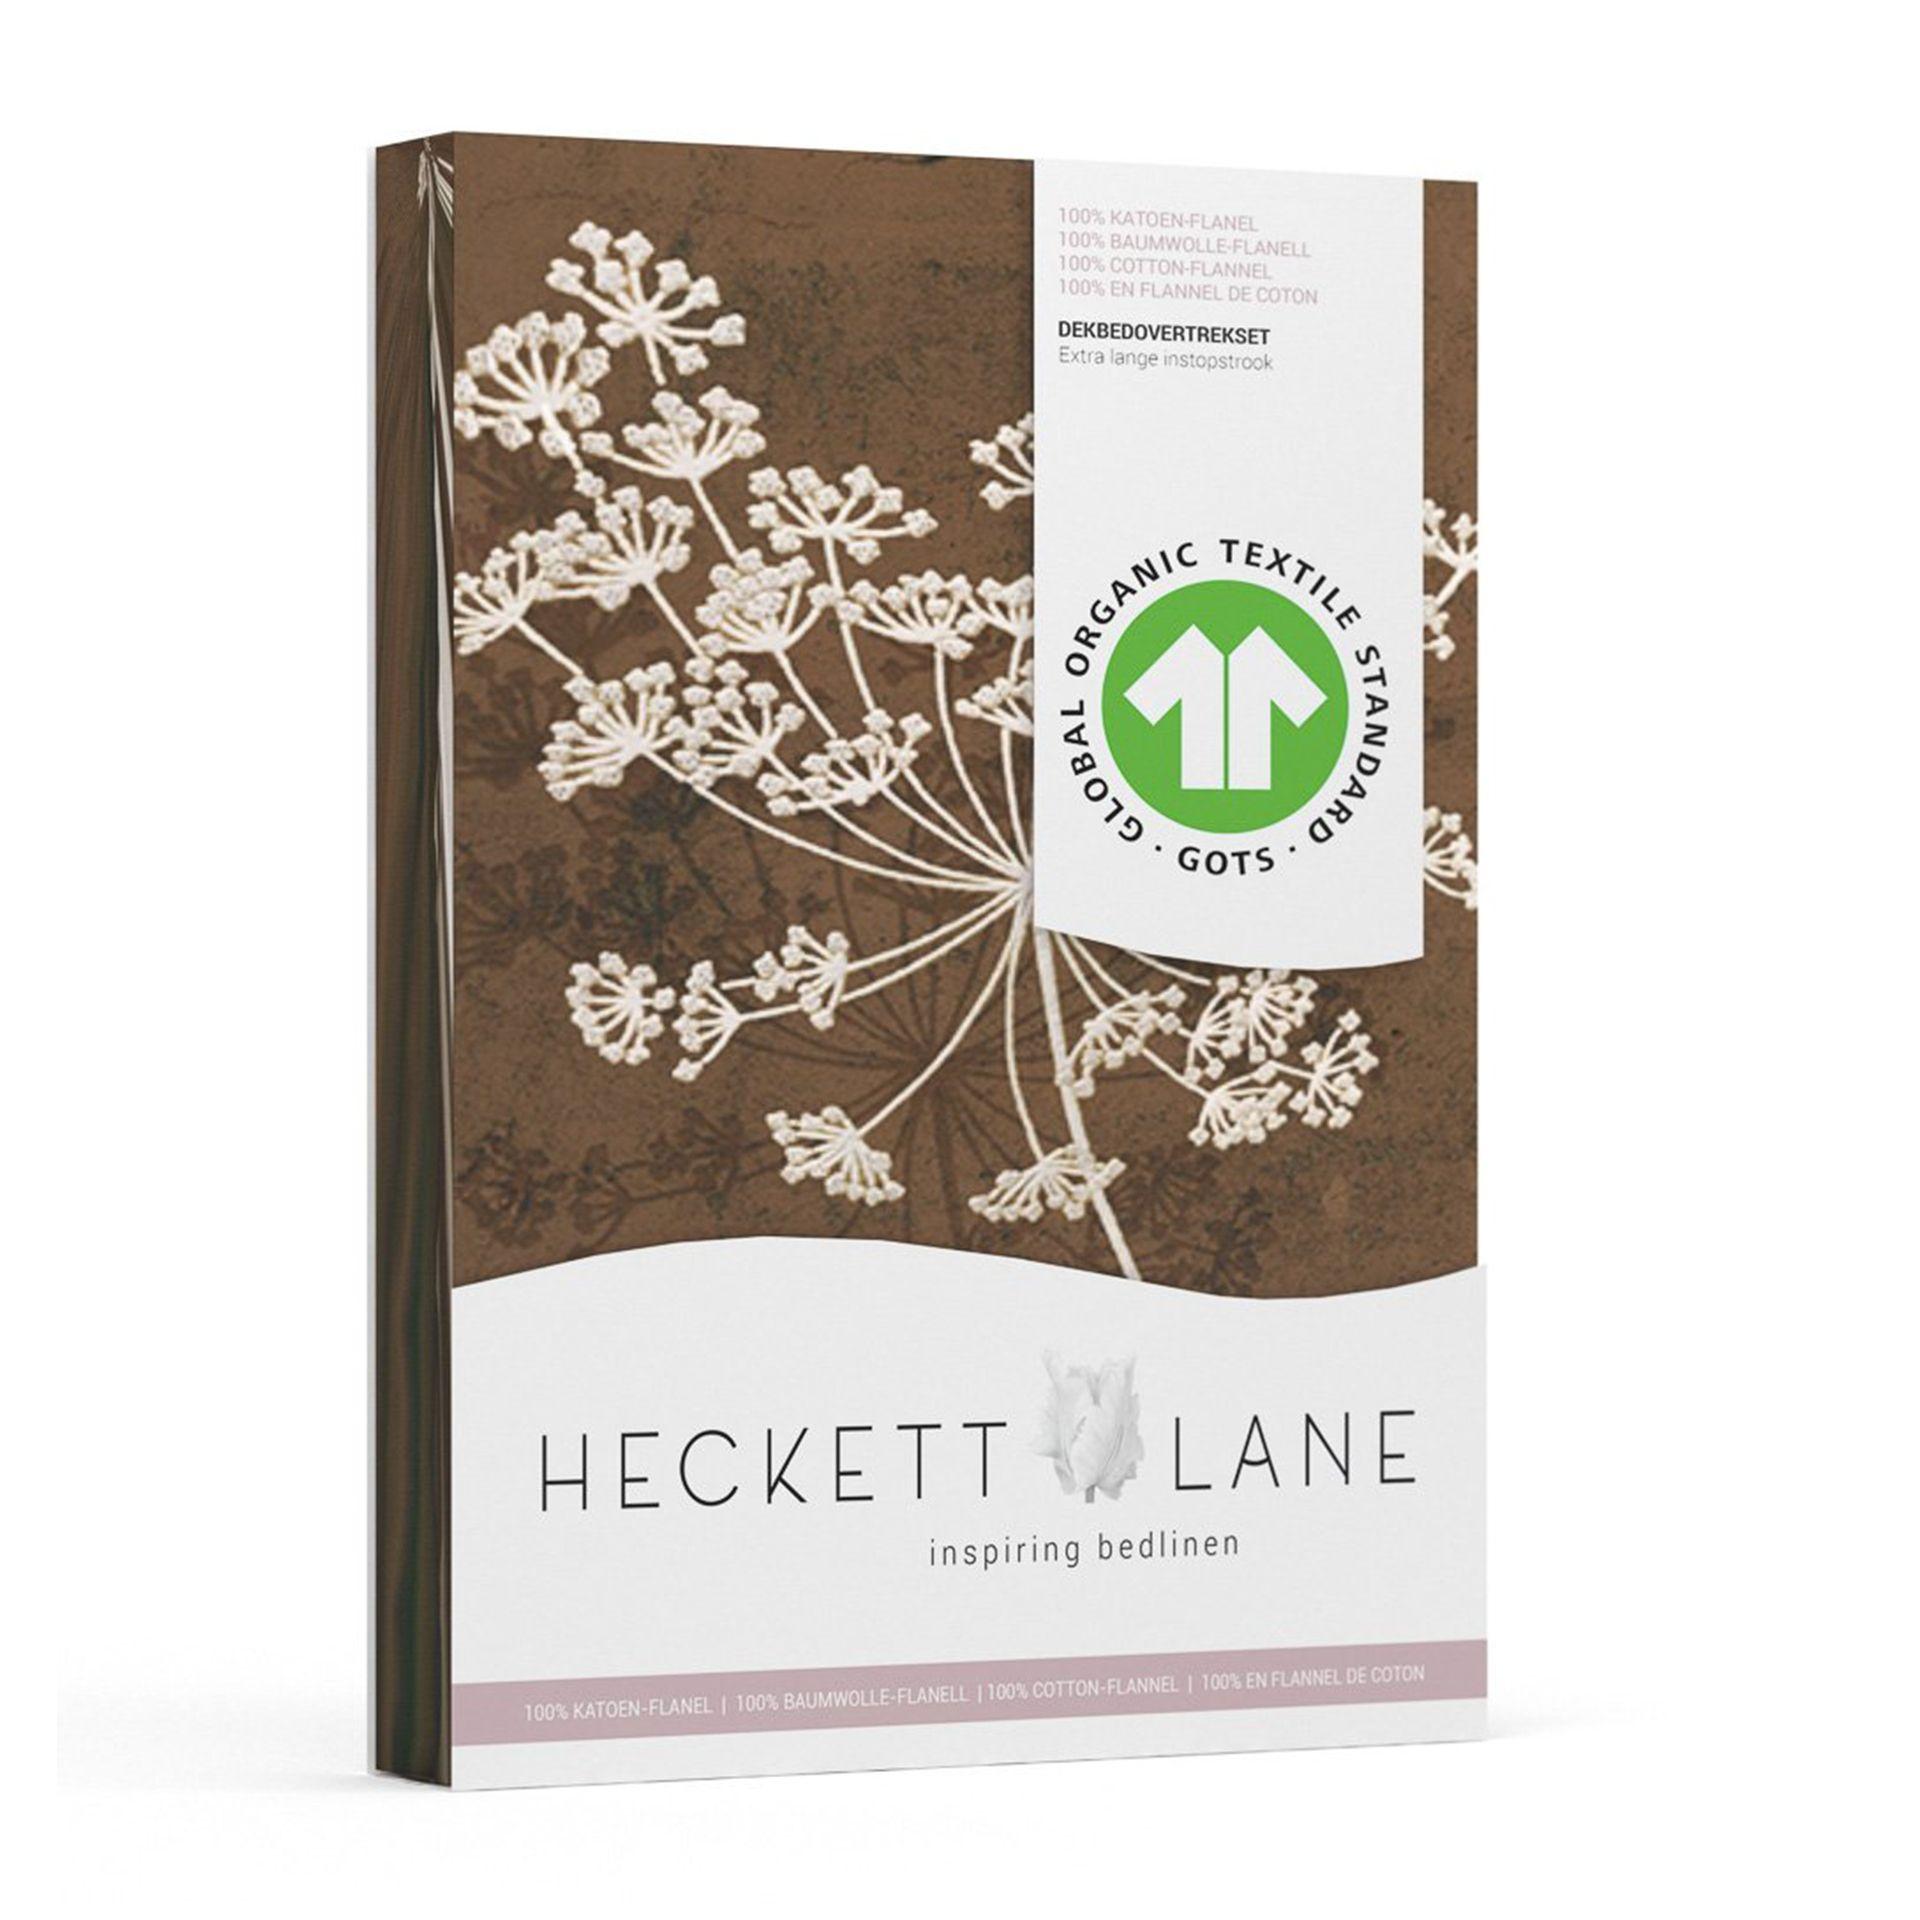 Heckettlane - Charlotte chocolate Dekbedovertrek